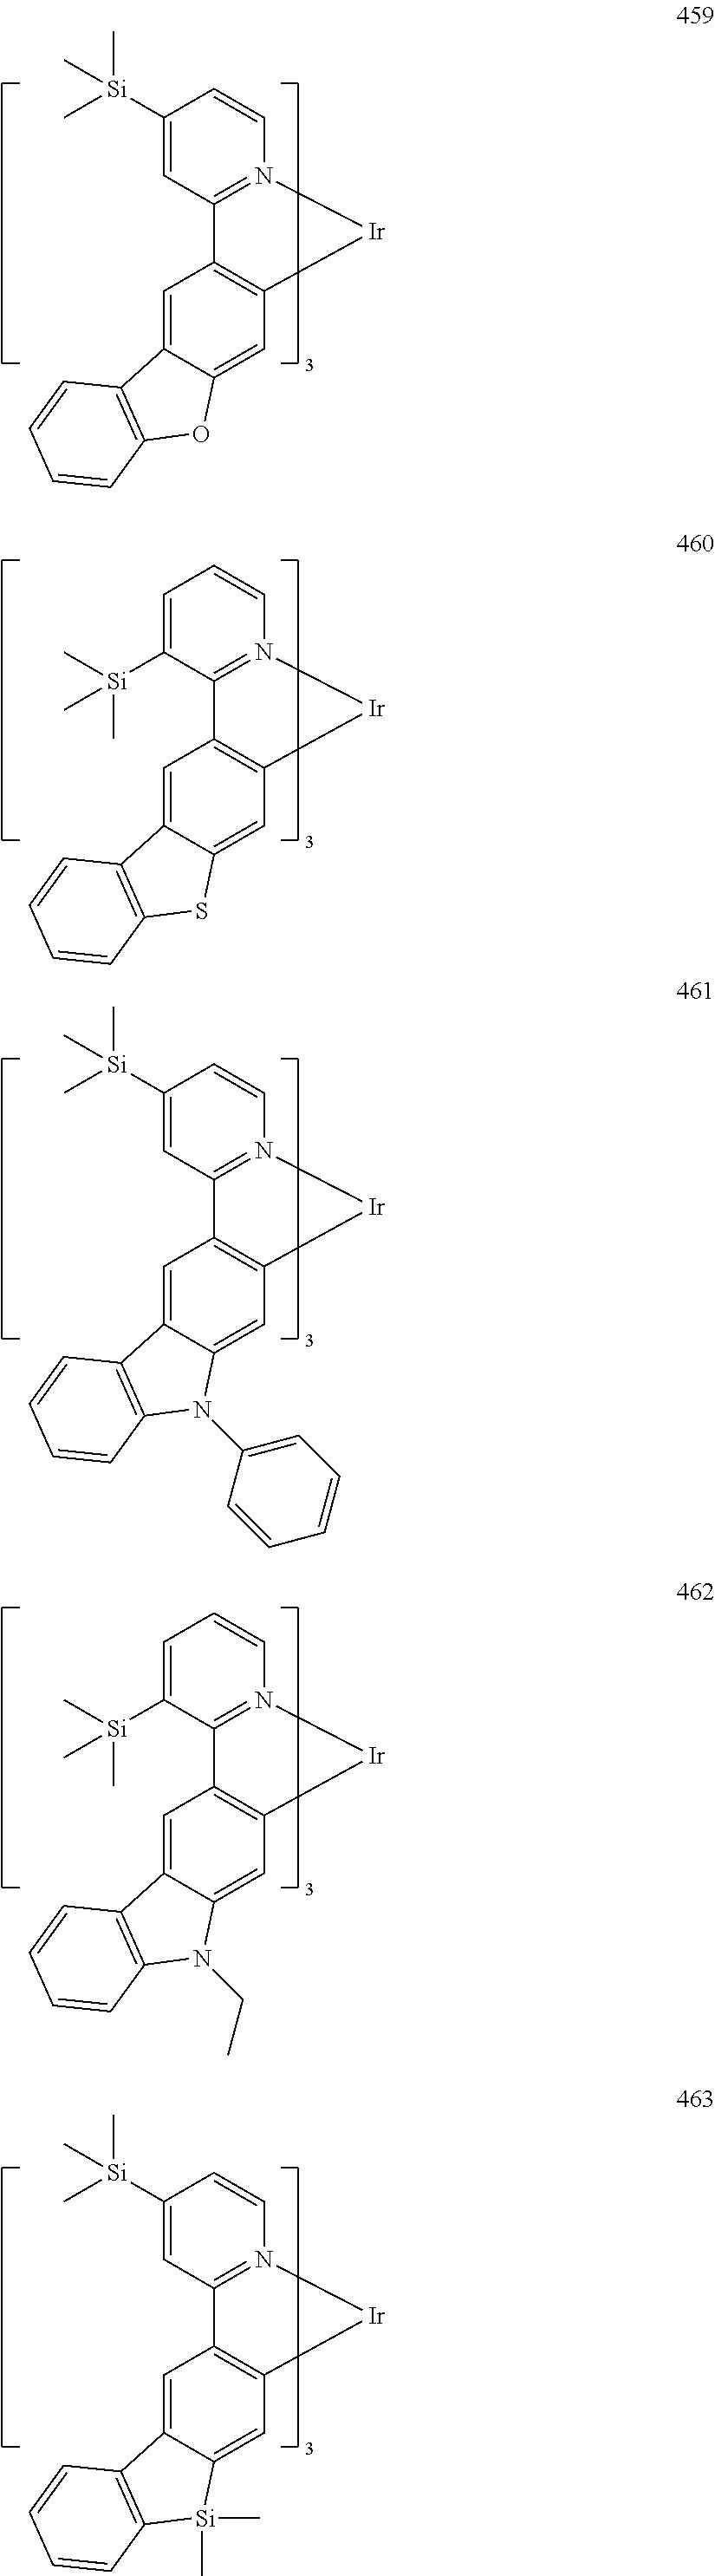 Figure US20160155962A1-20160602-C00454